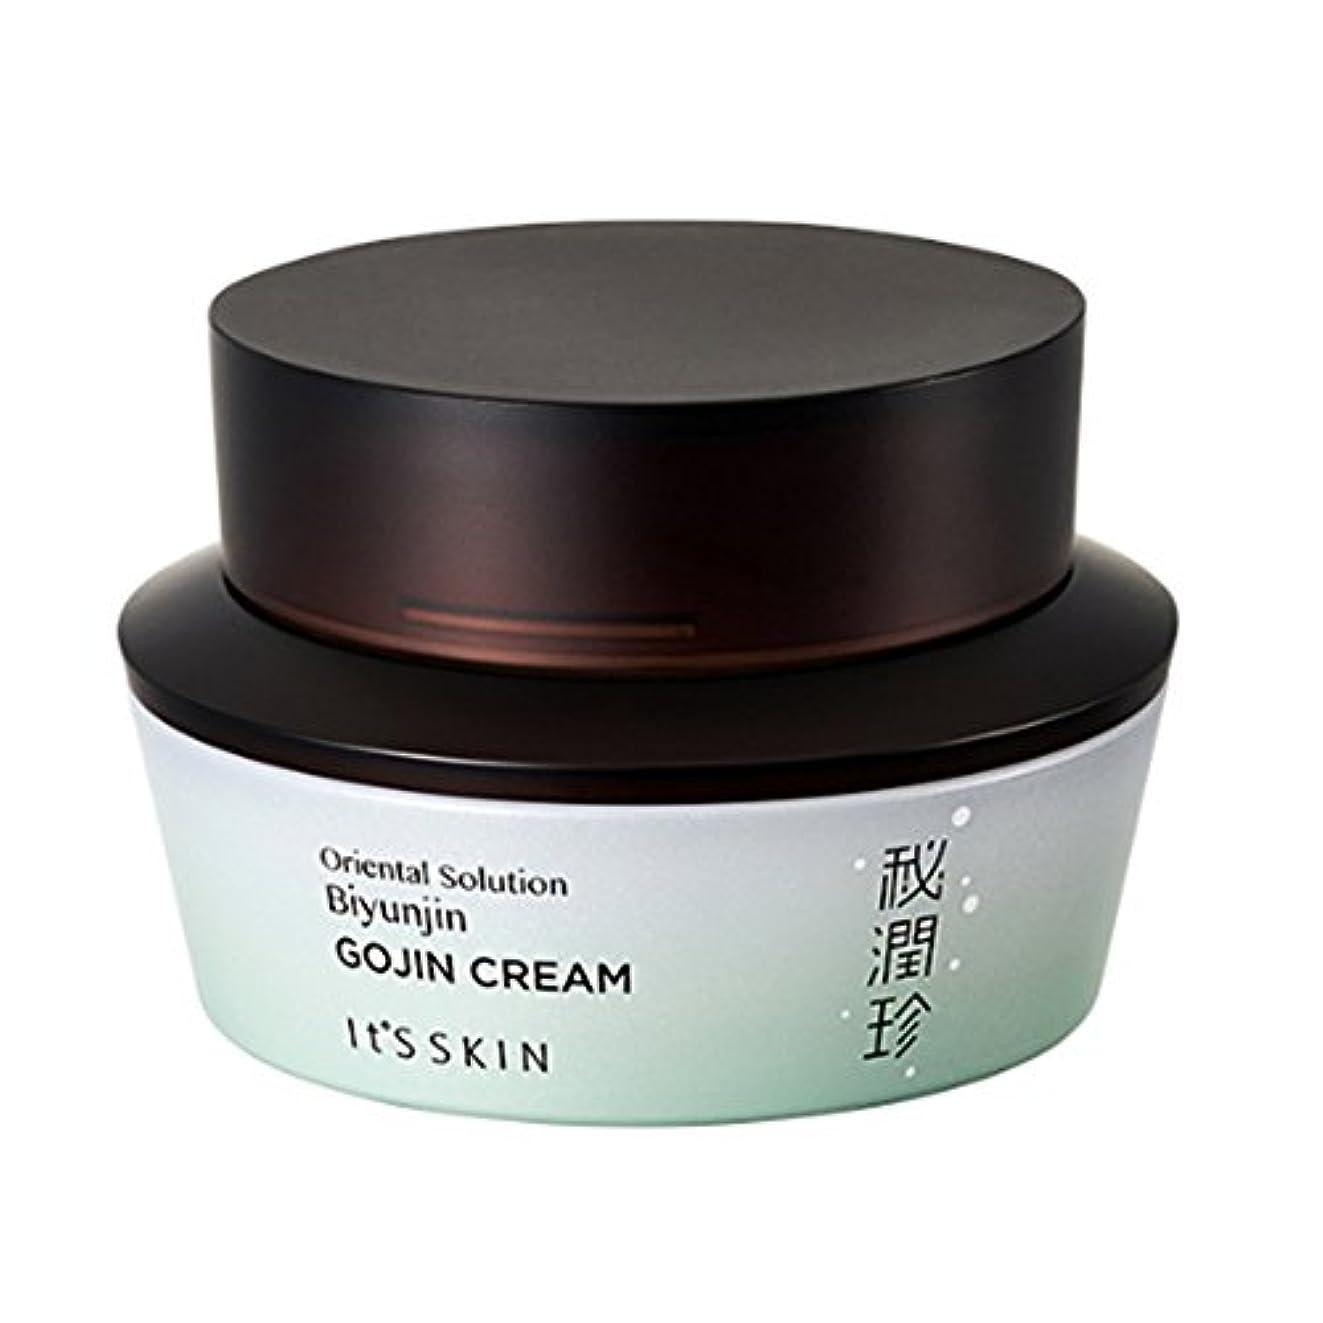 権限フェローシップ見捨てる【イッツスキン】 IT'S SKIN Bi Yun Jin Gojin Cream 【韓国直送品】 OOPSPANDA